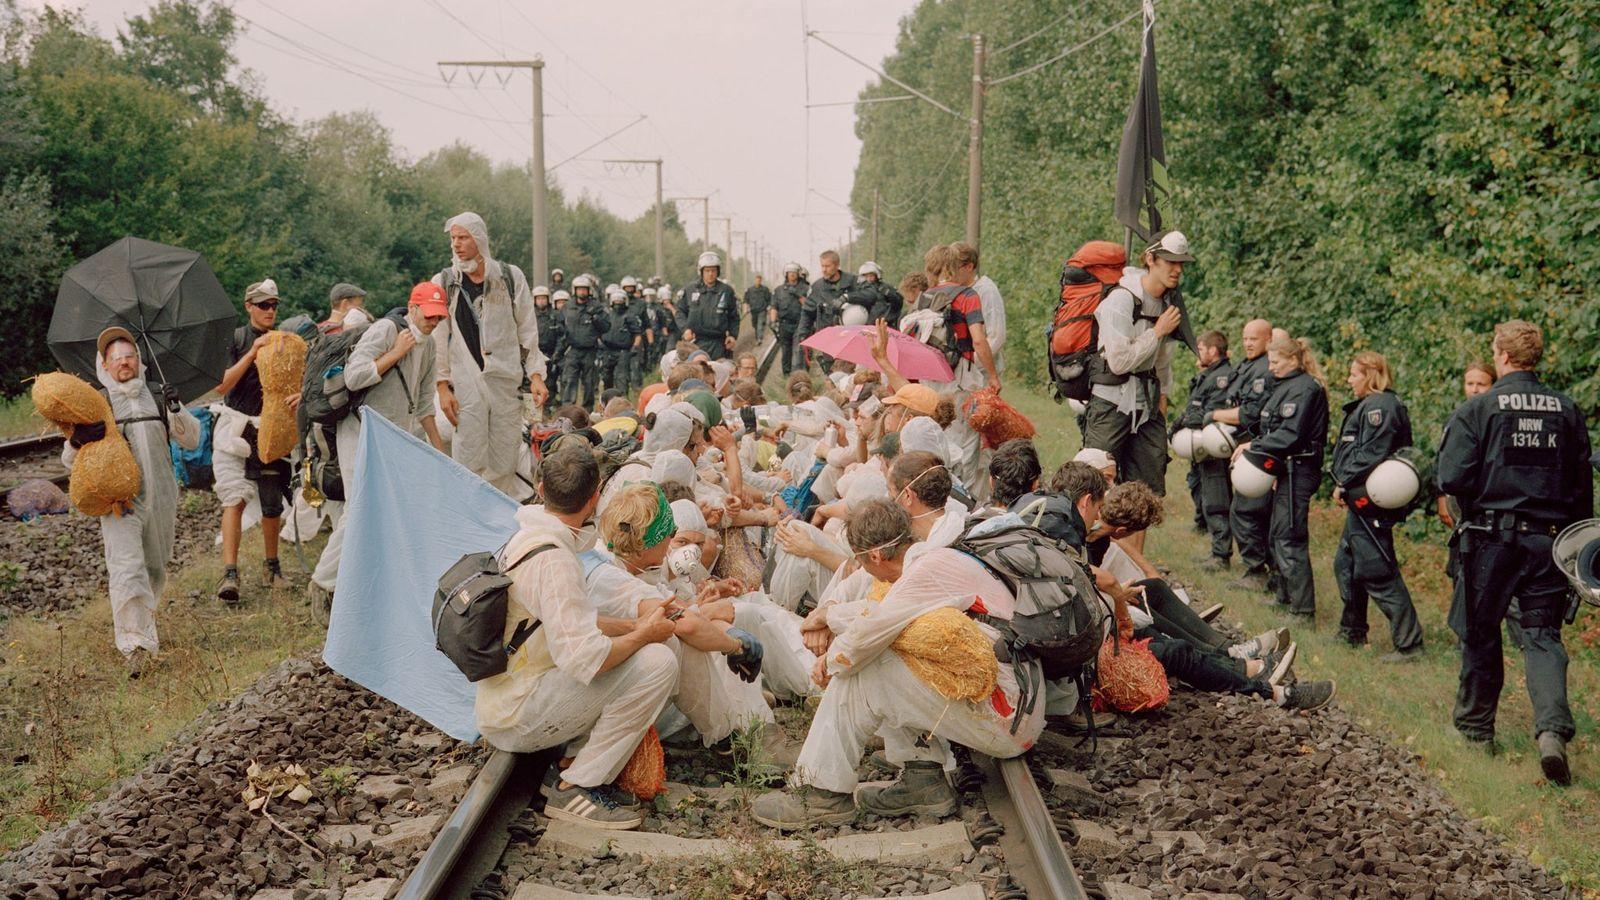 Demonstranten sitzen auf den Schienen für die Kohlegüterzüge, als Polizisten dazustoßen und sie umringen.